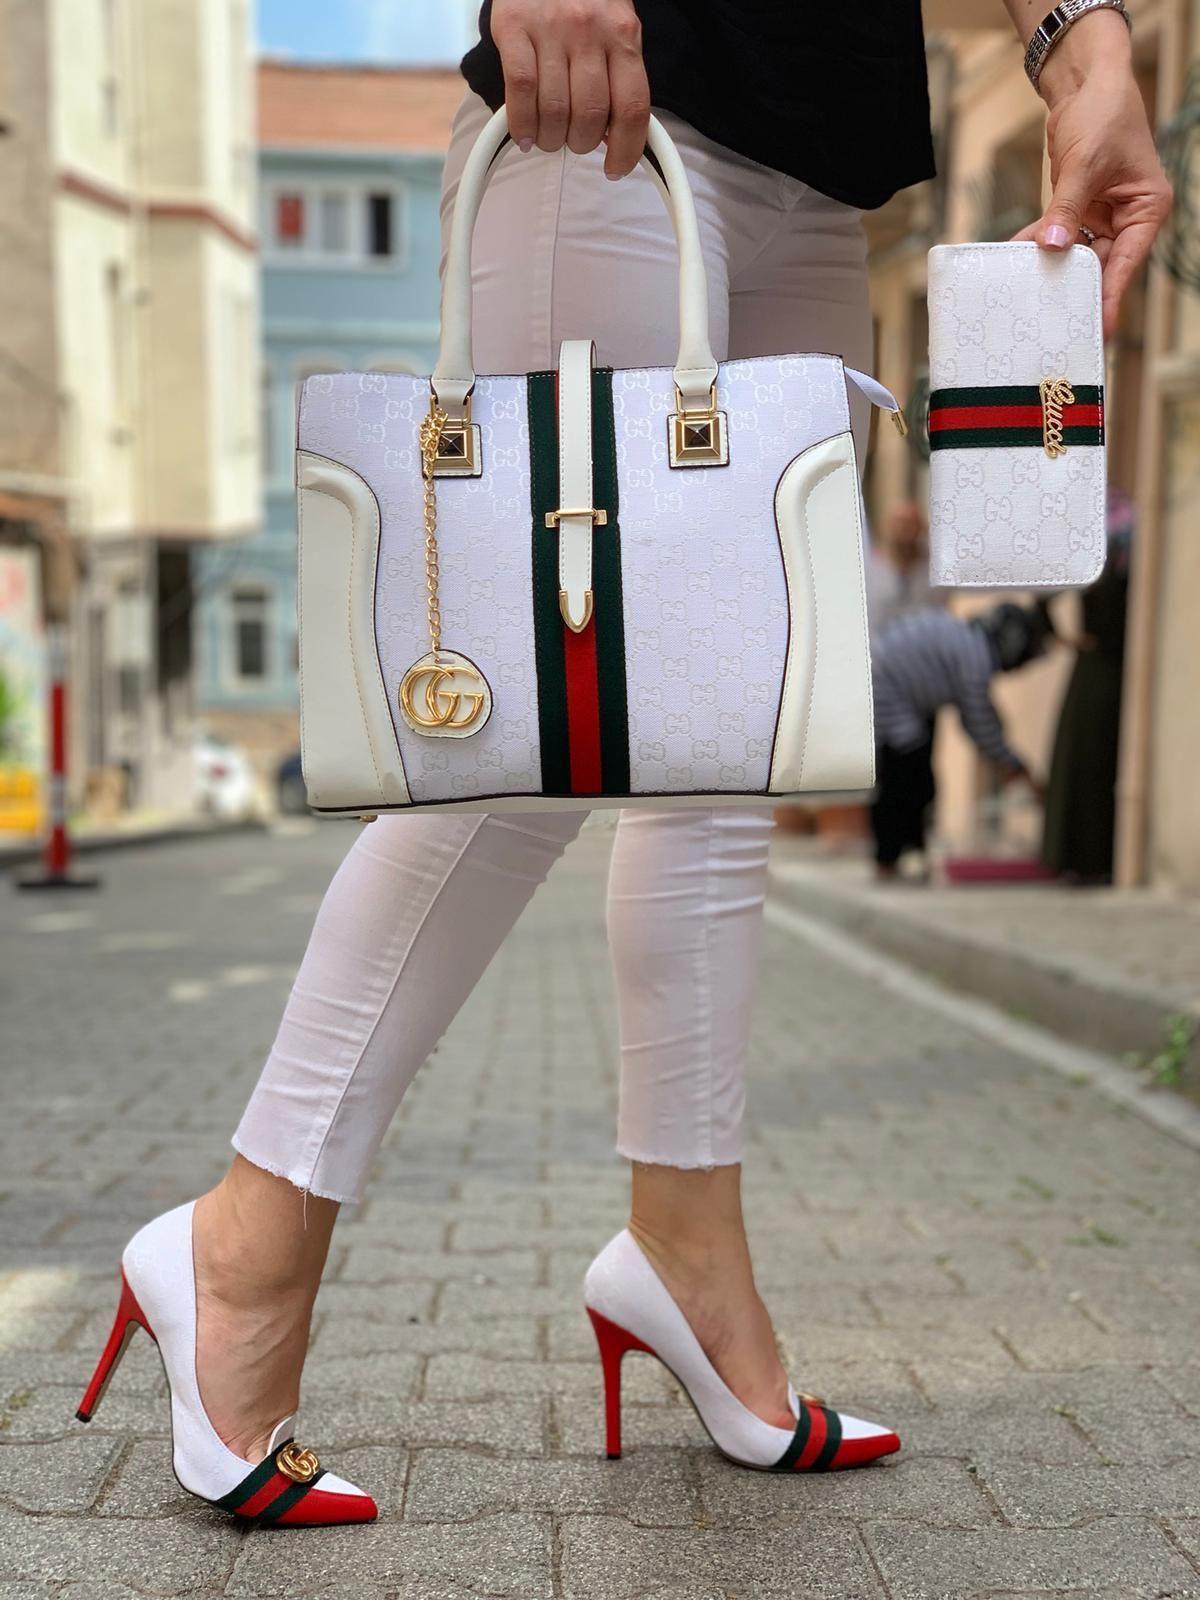 Резултат со слика за photos of women elegant shoes PRAD 2020